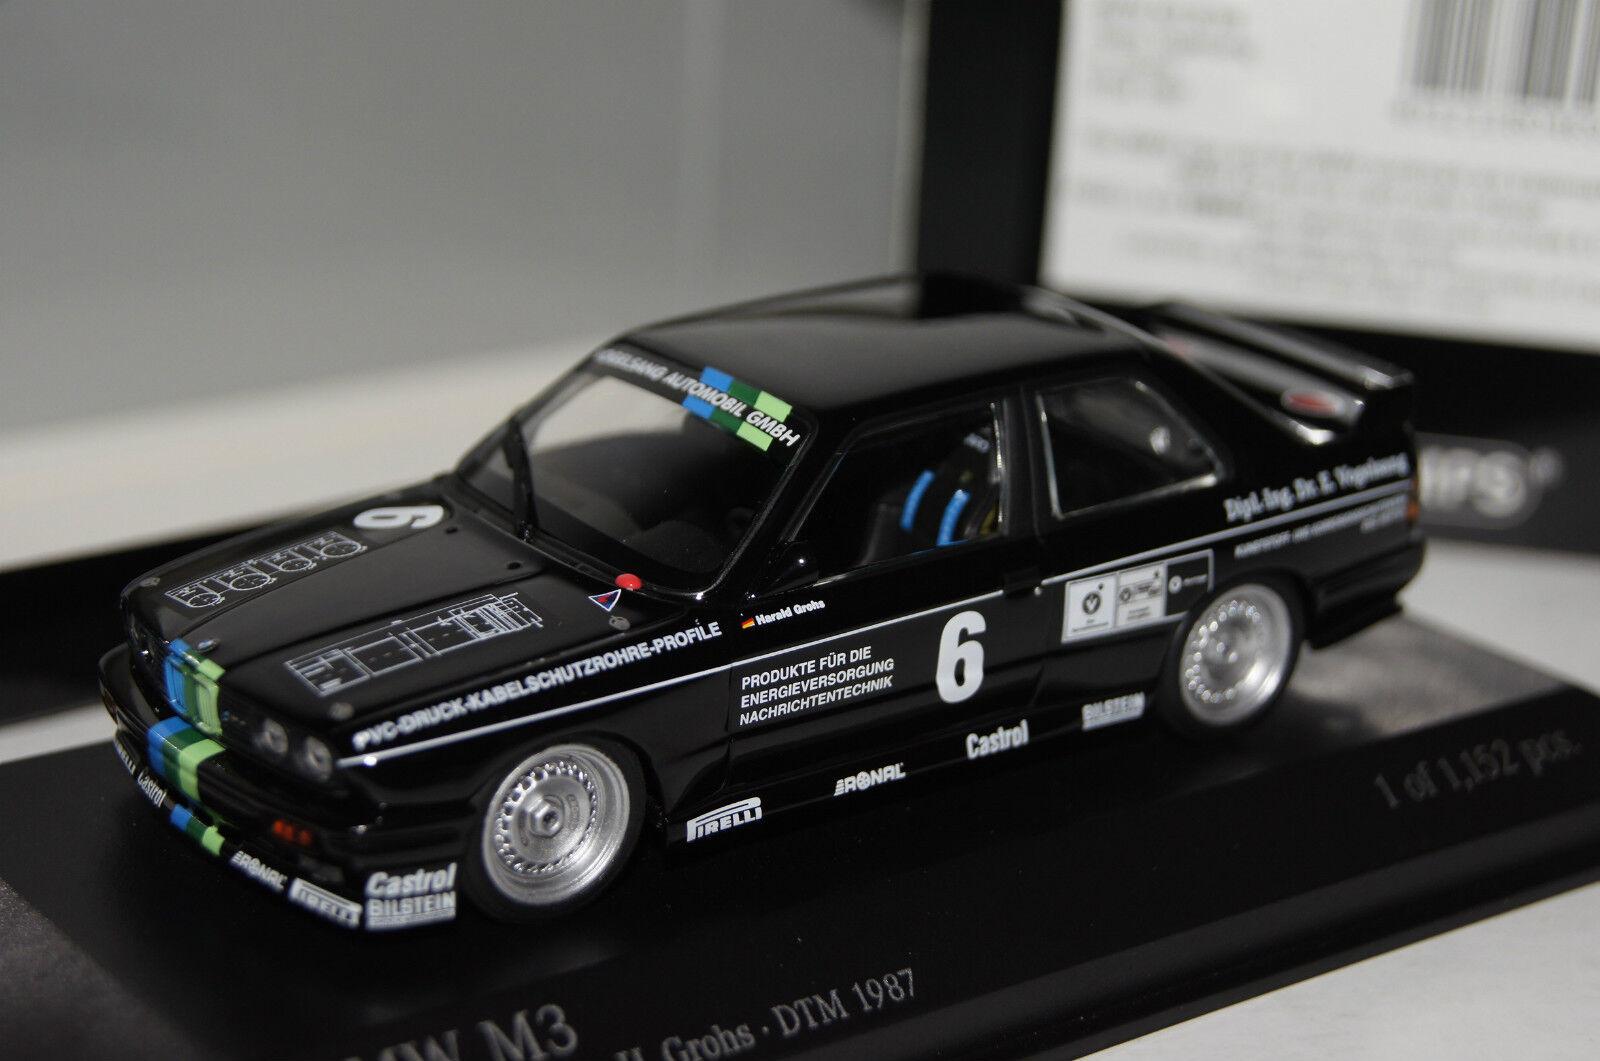 BMW M3 (E30) Vogelsang DTM 1987 H.Grohs H.Grohs H.Grohs  6 1 43 Minichamps neu & OVP 430872006 64f0b8